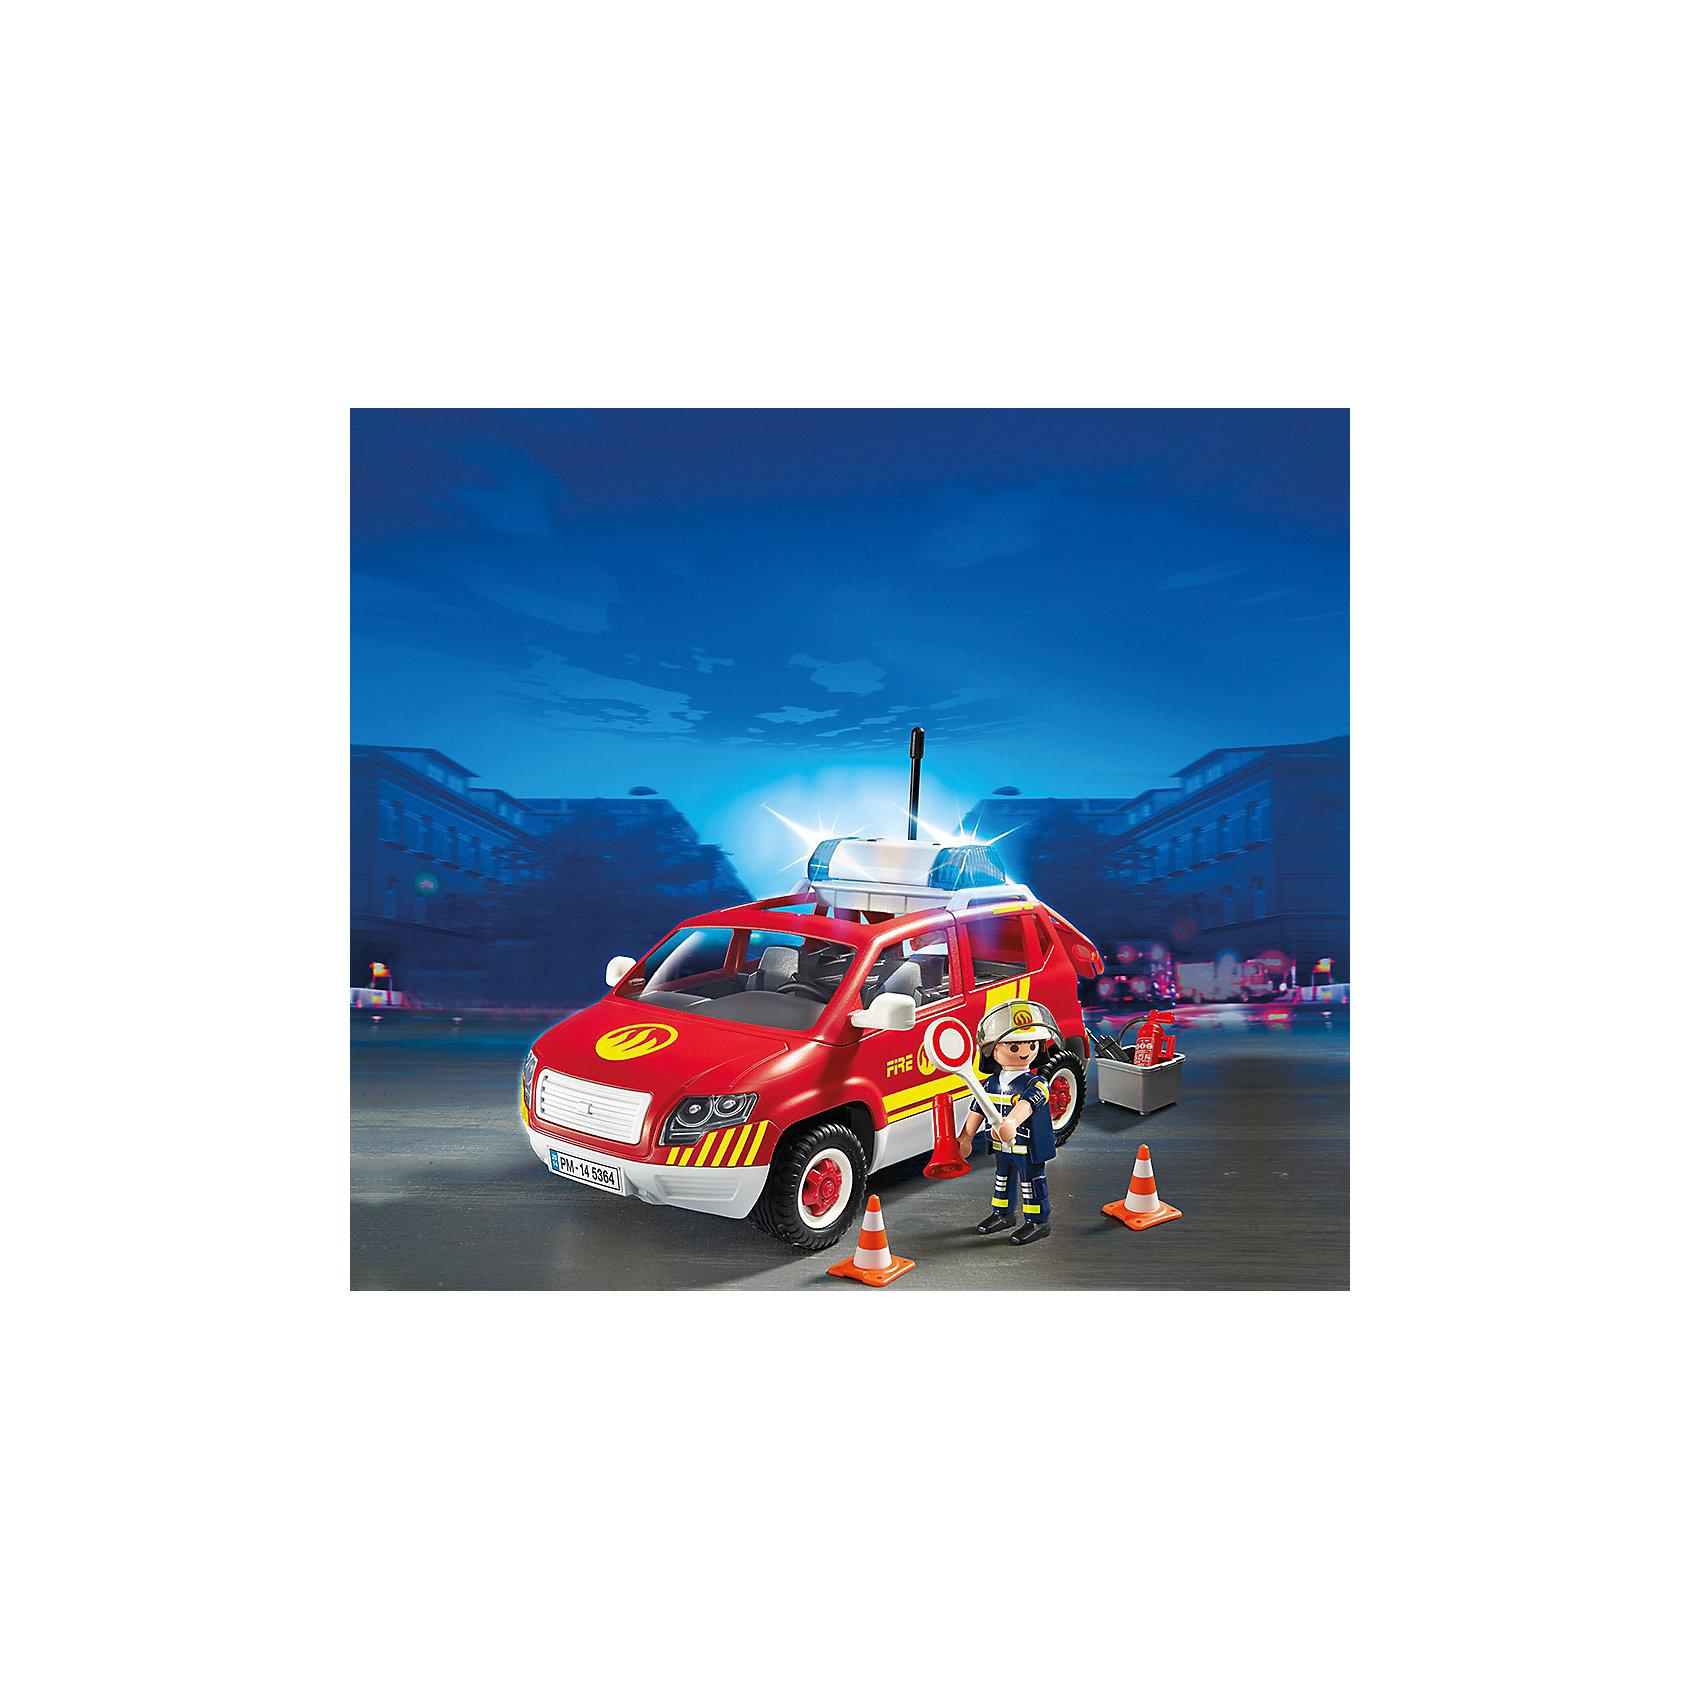 PLAYMOBIL 5364 Пожарная служба: Пожарная машина командира со светом и звукомКонструктор PLAYMOBIL (Плеймобил) 5364 Пожарная служба: Пожарная машина командира со светом и звуком - находка для заботливых родителей! Конструктор Вашего ребенка должен быть именно таким: красочным, безопасным и очень интересным. Серия Пожарная служба специально создана для малышей которые не боятся опасности и мечтают помогать другим людям. Пожарные - самая отважная профессия! Настоящий пожарный должен быть смелым, сильным и очень ловким. В наборе Пожарная машина командира со светом и звуком ребенок найдет фигурку командира пожарной команды, одетого в специальную форму и каску. У него очень важная миссии - он координирует работу около места возгорания. Он отдает четкие приказы в рупор и все машины руководствуются его указаниями. В машине командира множество вещей необходимых при такой важной работе: огнетушитель, инструменты, конусы. Его машина оснащена мигалкой, которая позволяет быстро доезжать до места происшествия. Создай интересные сюжеты с набором Пожарная машина командира со светом и звуком или объедини его с другими наборами серии и игра станет еще интереснее. Придумывая замечательные сюжеты с деталями конструктора, Ваш ребенок развивает фантазию, учится заботе и просто прекрасно проводит время!<br><br>Дополнительная информация:<br><br>- Конструкторы PLAYMOBIL (Плеймобил) отлично развивают мелкую моторику, фантазию и воображение;<br>- В наборе: минифигурка командира, машина со светом и звуком, дорожные конусы, рупор, дорожный знак, огнетушитель, аксессуары;<br>- Количество деталей: 38  шт;<br>- Материал: безопасный пластик;<br>- Размер минифигурок: 7,5 см;<br>- Размер упаковки: 25 х 20 х 13 см<br><br>Конструктор PLAYMOBIL (Плеймобил) 5364 Пожарная служба: Пожарная машина командира со светом и звуком можно купить в нашем интернет-магазине.<br><br>Ширина мм: 256<br>Глубина мм: 203<br>Высота мм: 129<br>Вес г: 555<br>Возраст от месяцев: 60<br>Возраст до месяцев: 120<br>Пол: Мужской<br